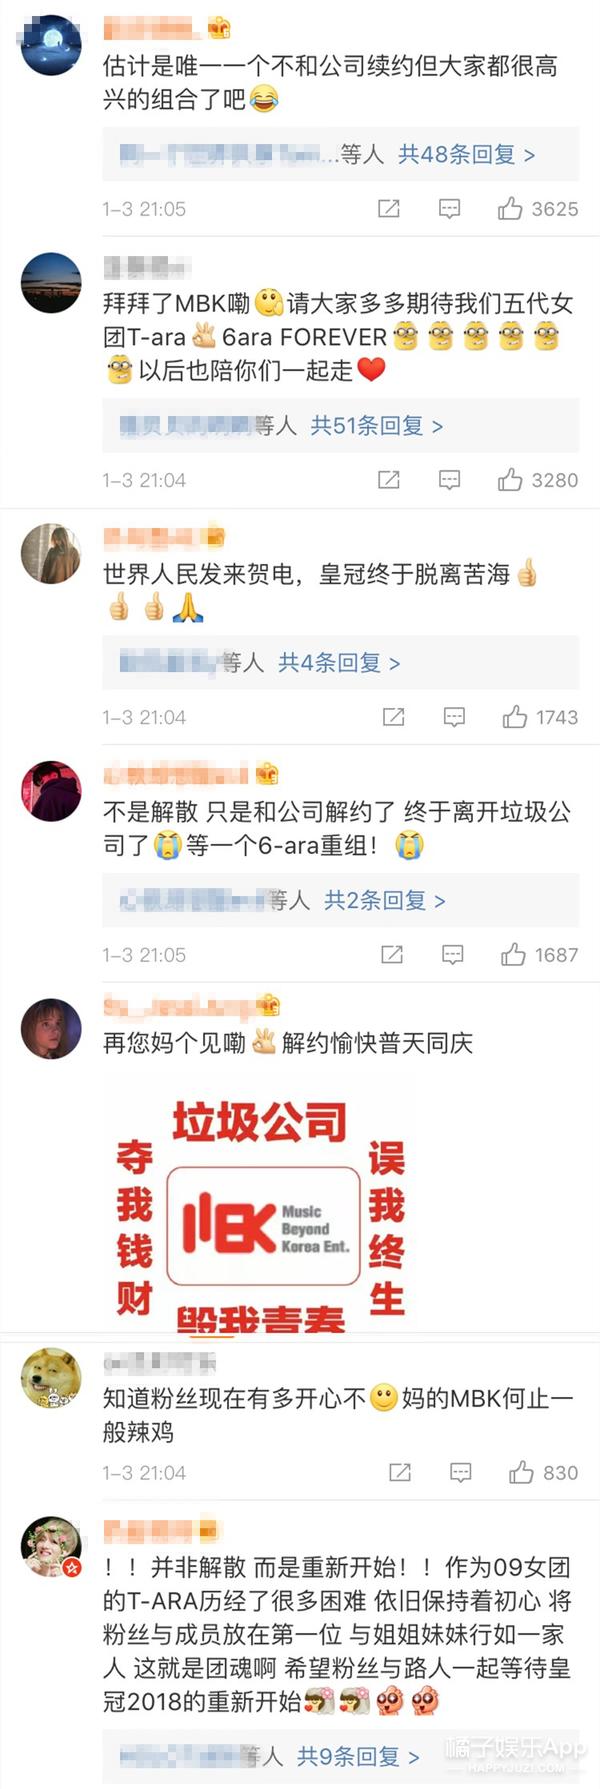 什么情况?T-ara女团被原公司坑惨了,集体艾特王思聪!